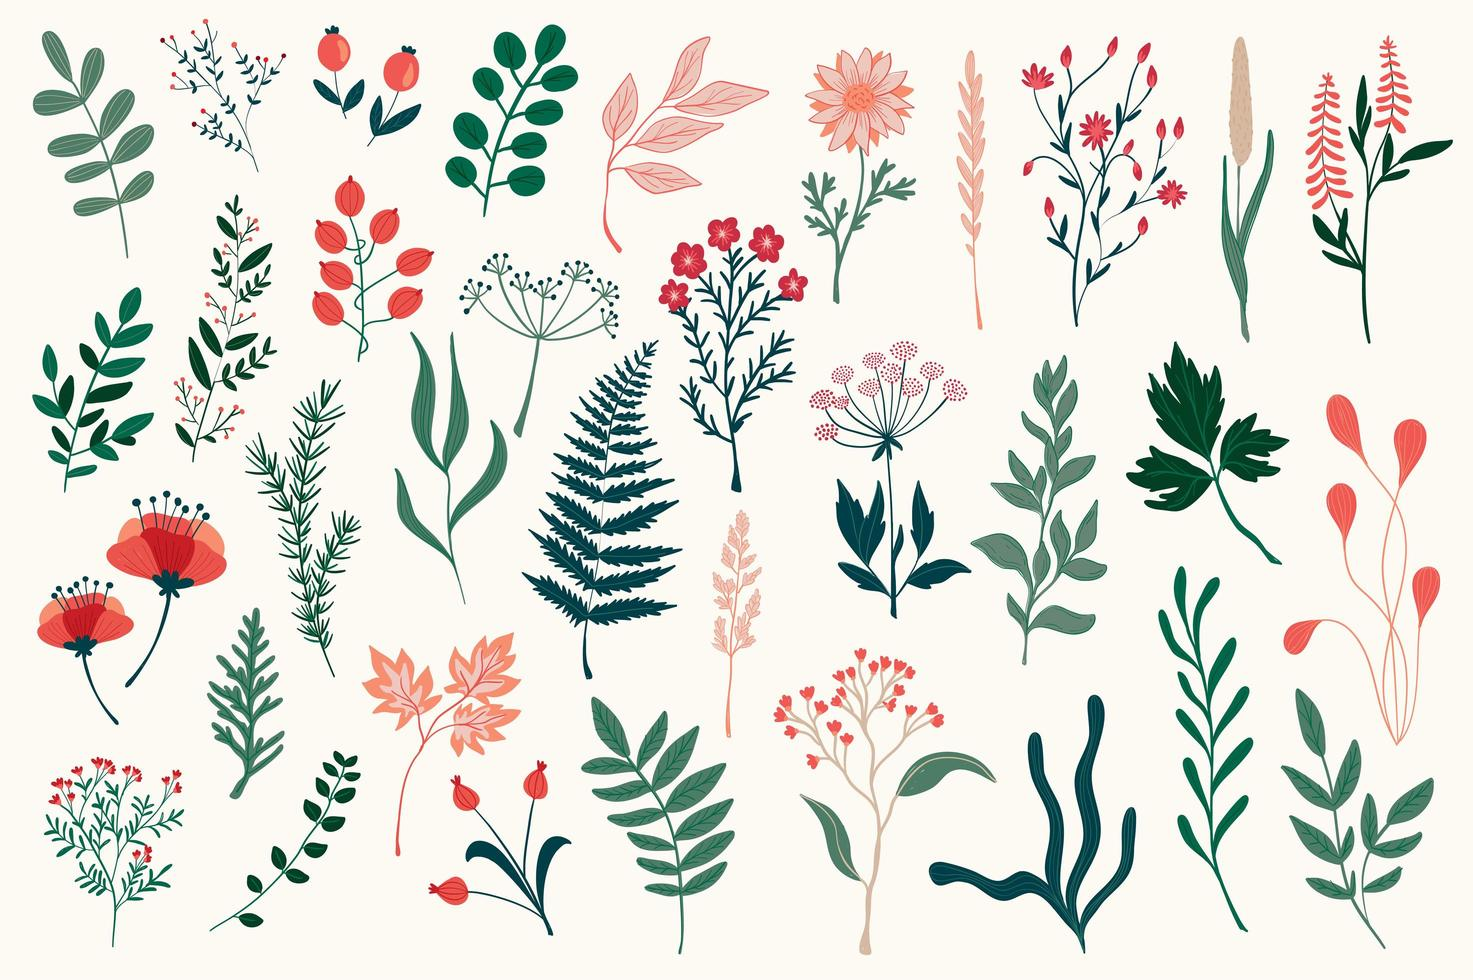 paquete de coloridos elementos decorativos florales vector